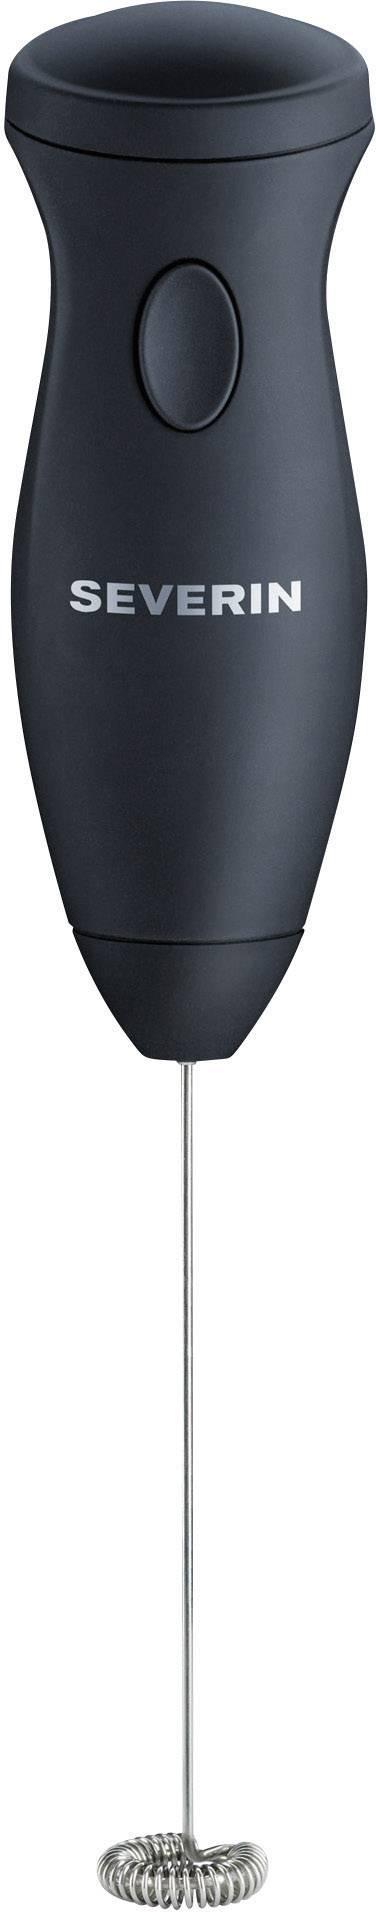 Naprava za penjenje mleka Severin SM 3590, črne barve